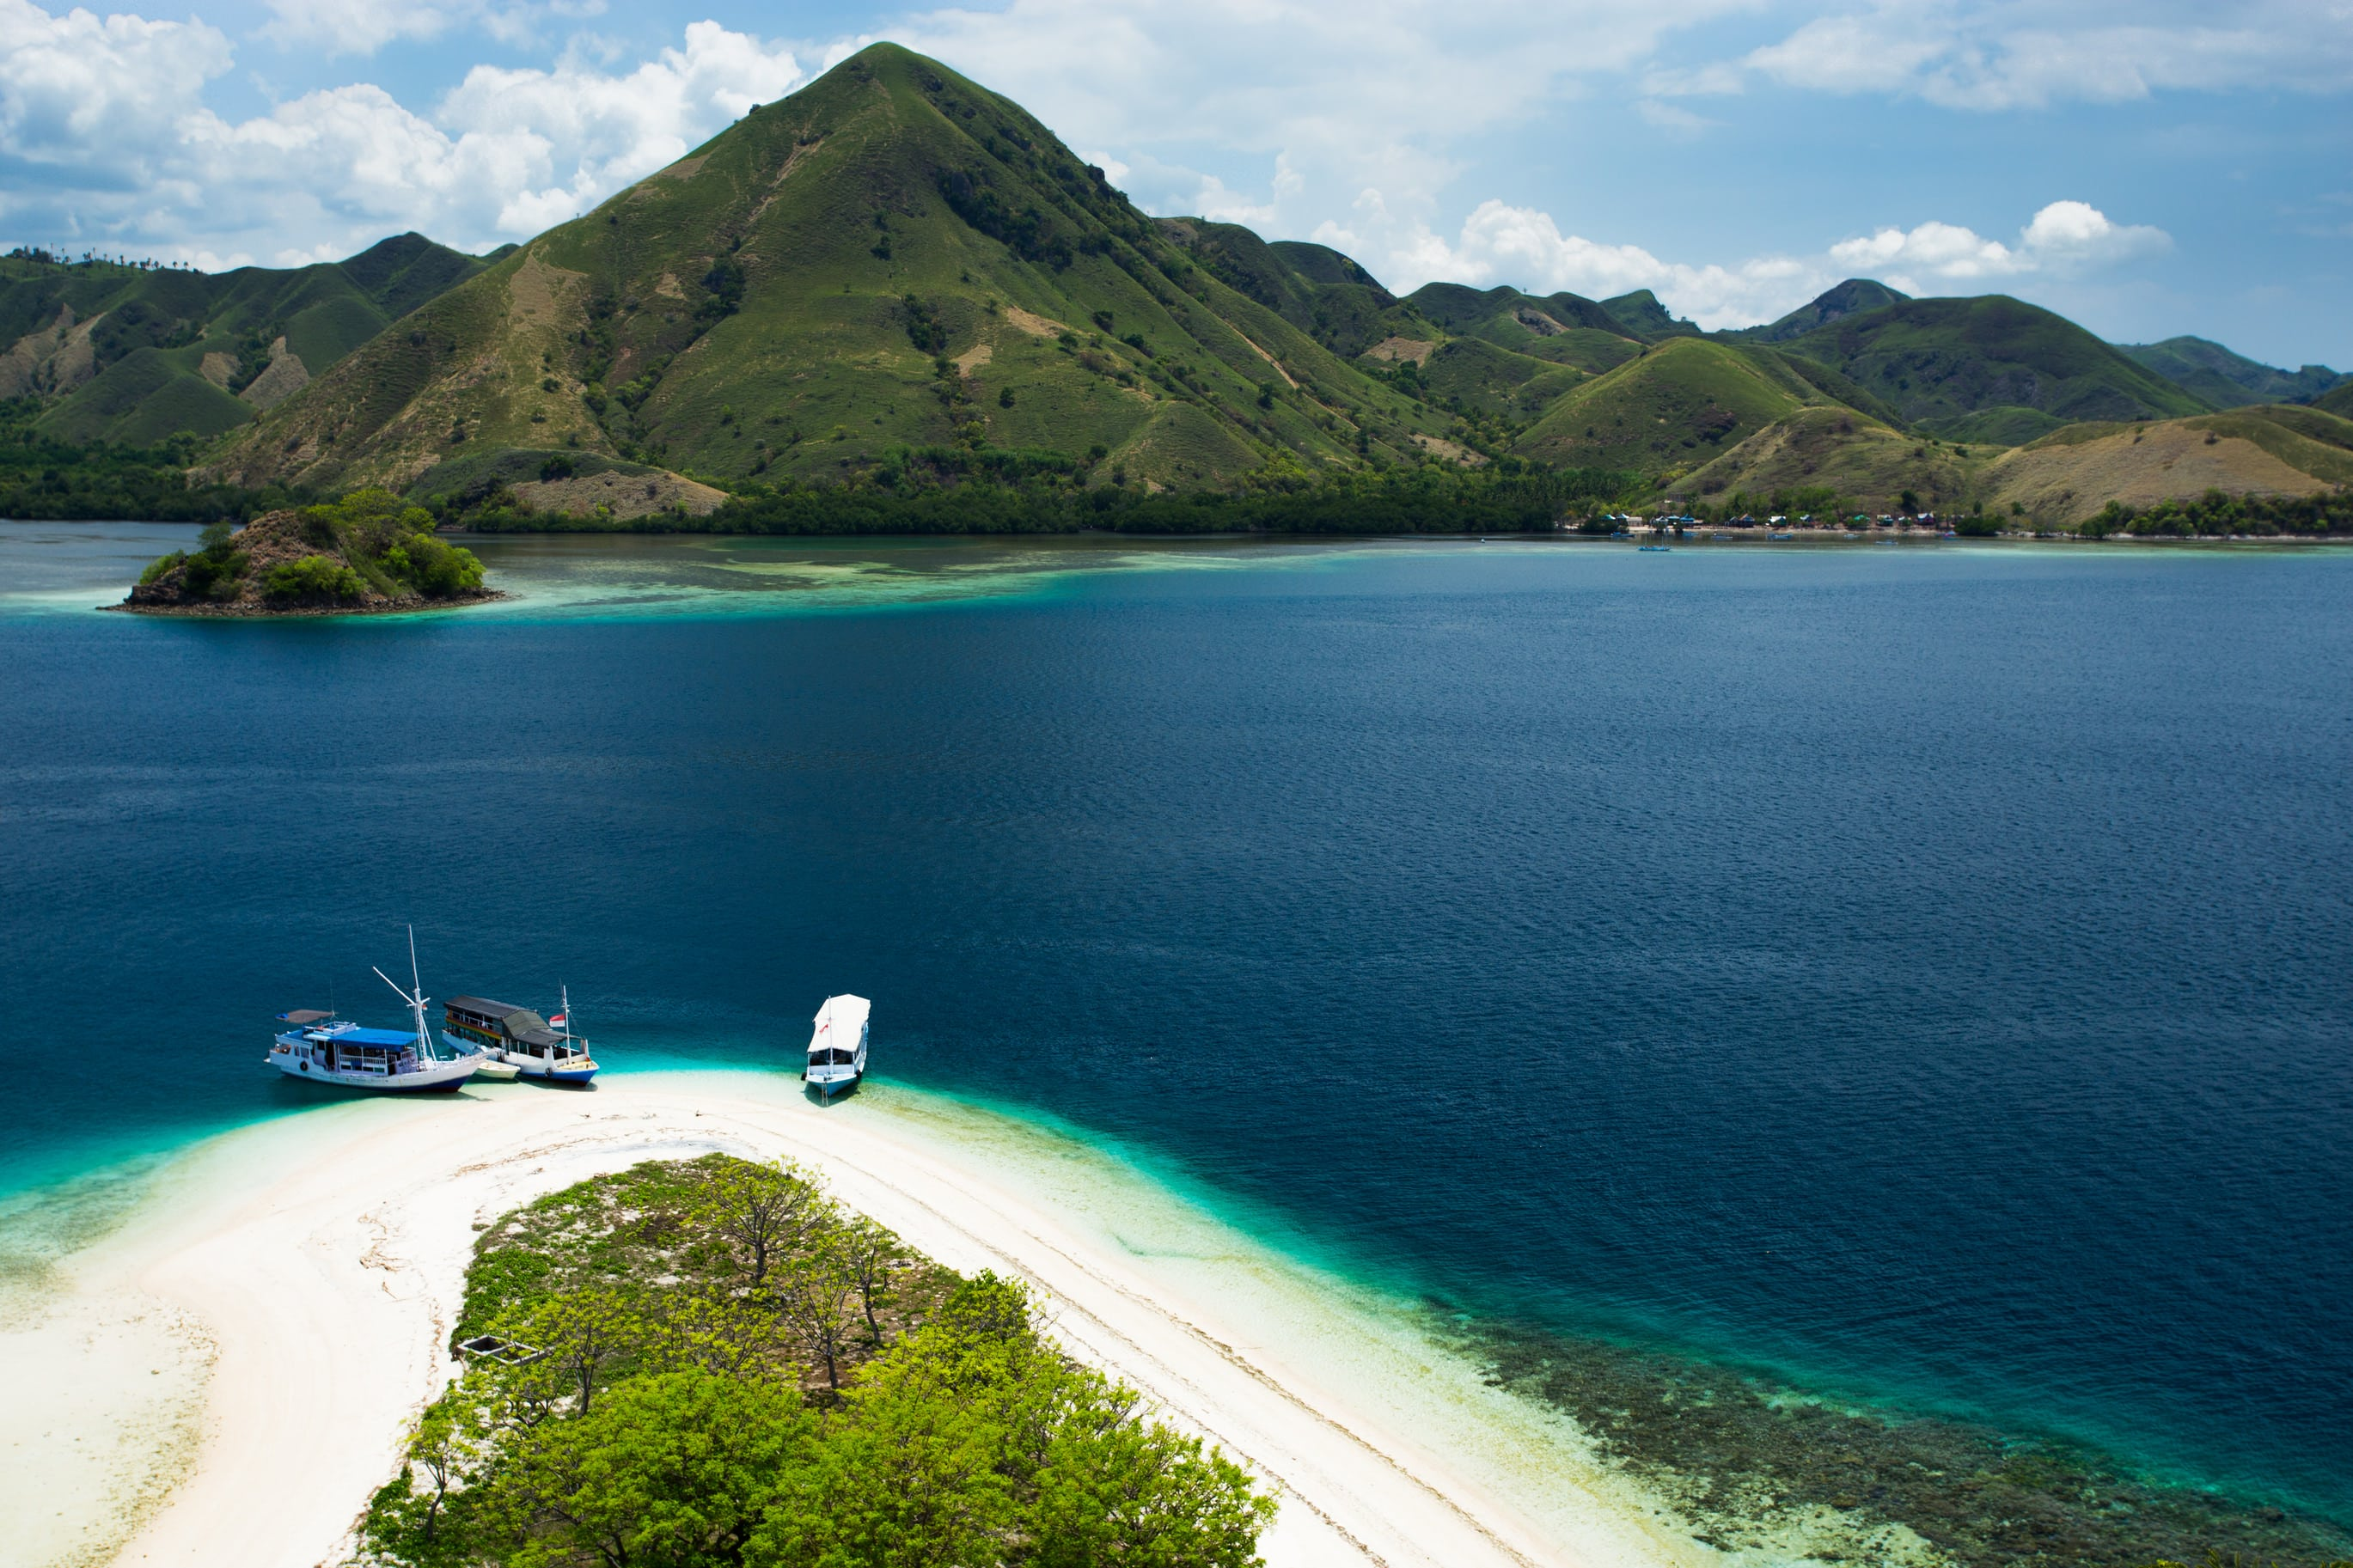 بحيرة سيتو بابا كان اندونيسيا